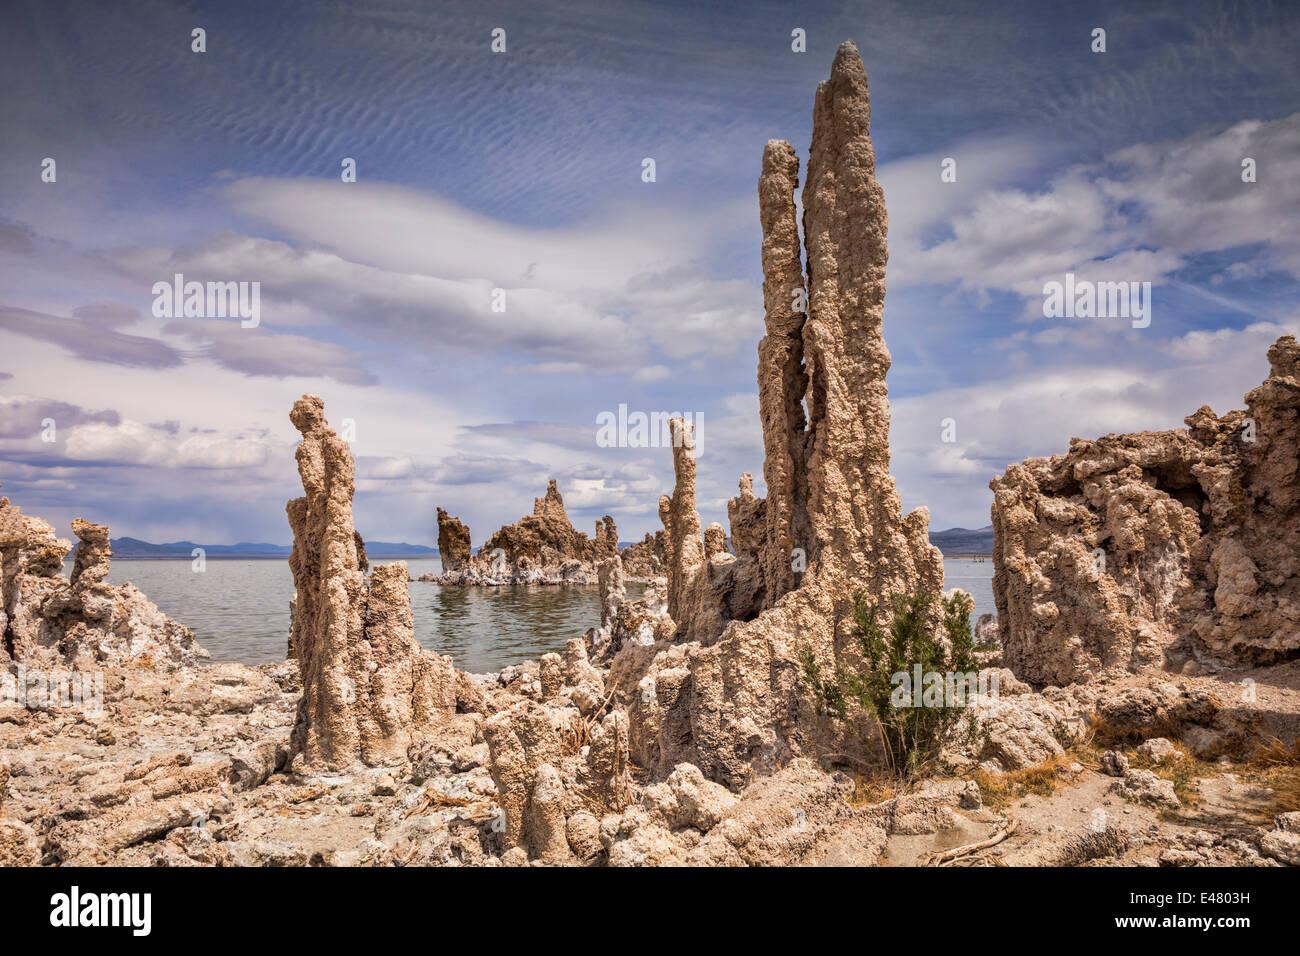 Las torres de tufa en el Lago Mono de California. Formada originalmente bajo el agua, estos se han revelado como Imagen De Stock